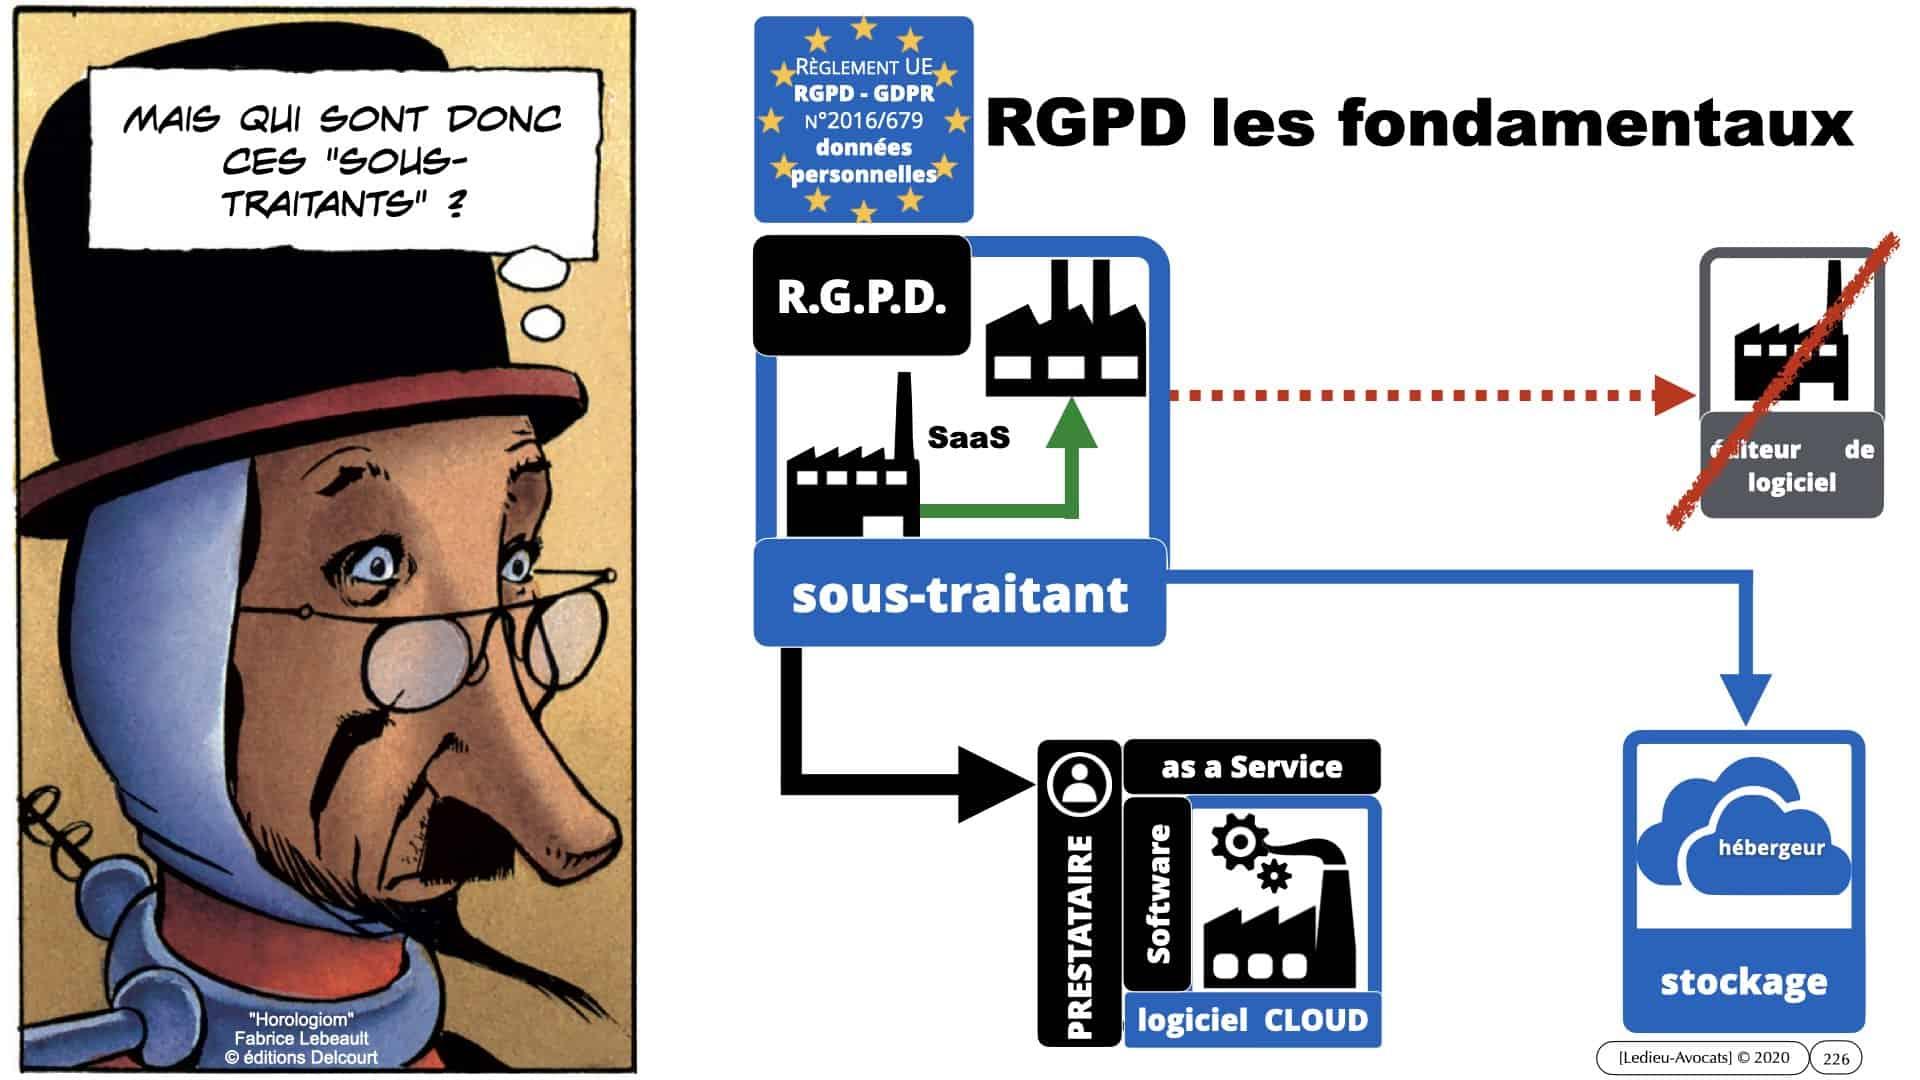 RGPD e-Privacy données personnelles jurisprudence formation Lamy Les Echos 10-02-2021 ©Ledieu-Avocats.226